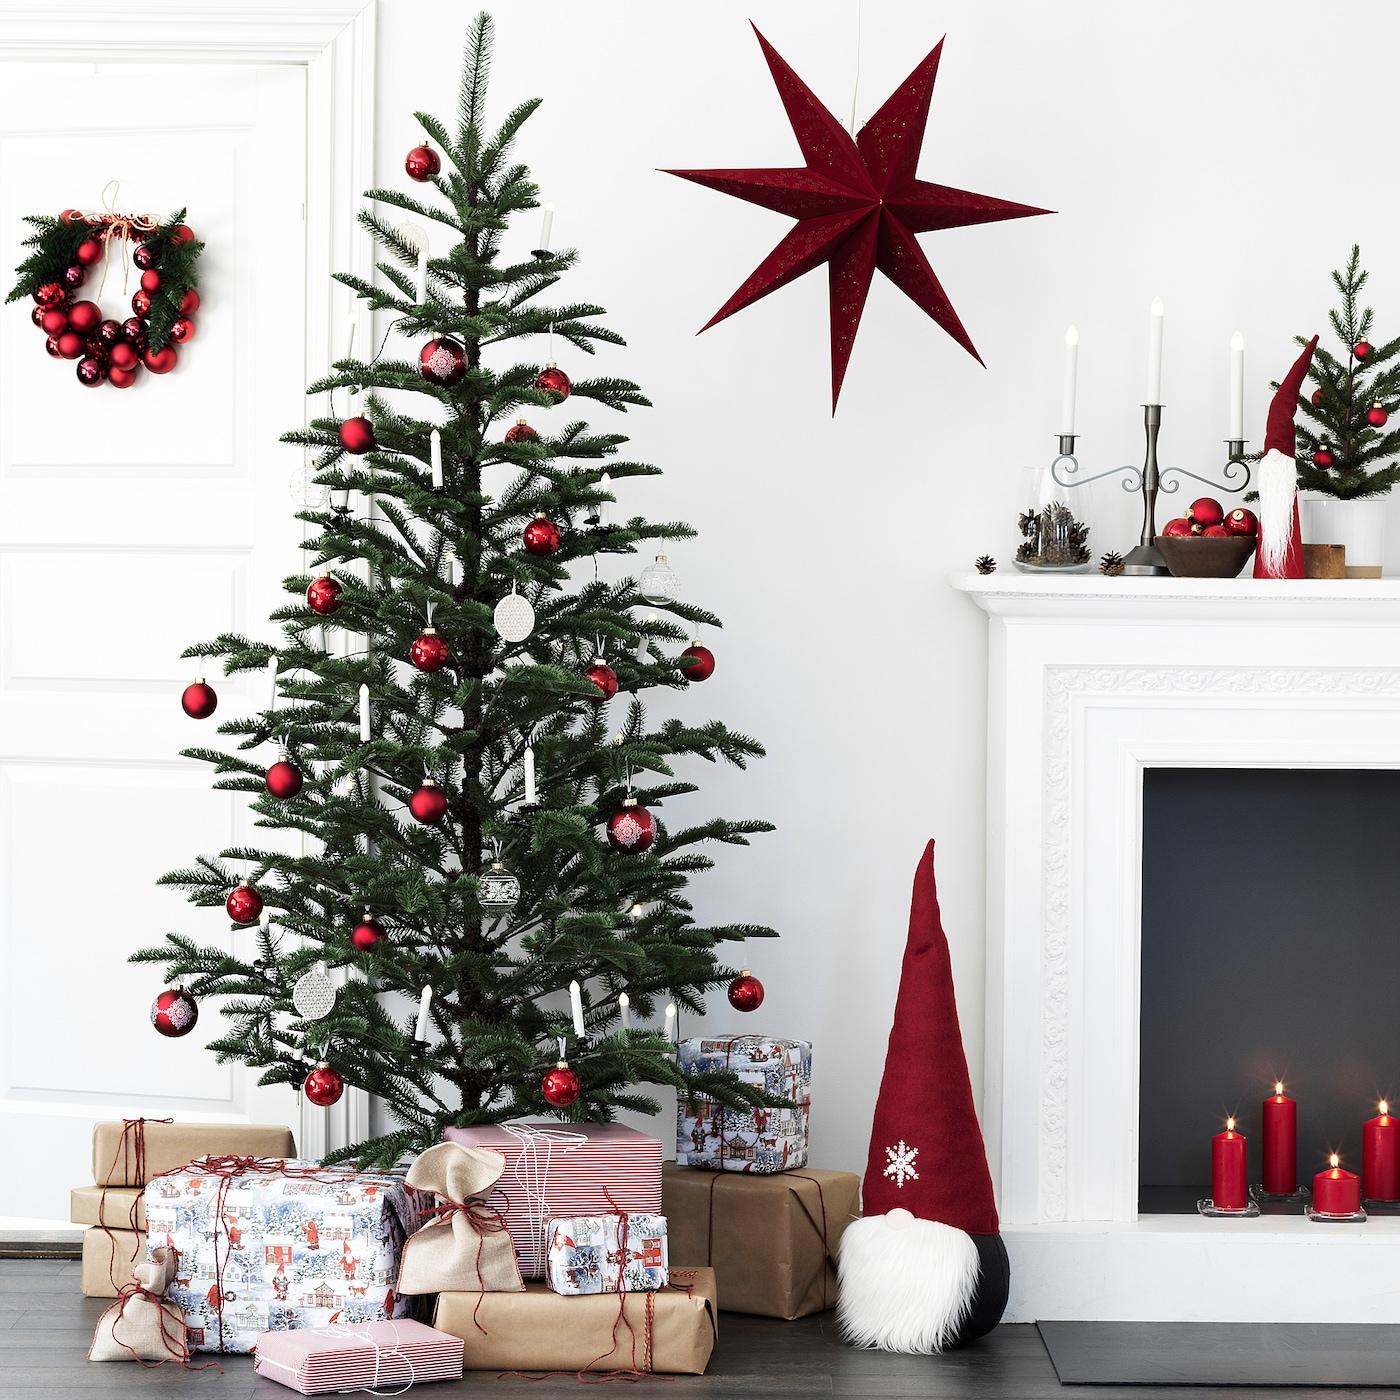 Albero Di Natale.Vinter 2020 Pianta Artificiale Da Interno Esterno Albero Di Natale Verde Ikea It